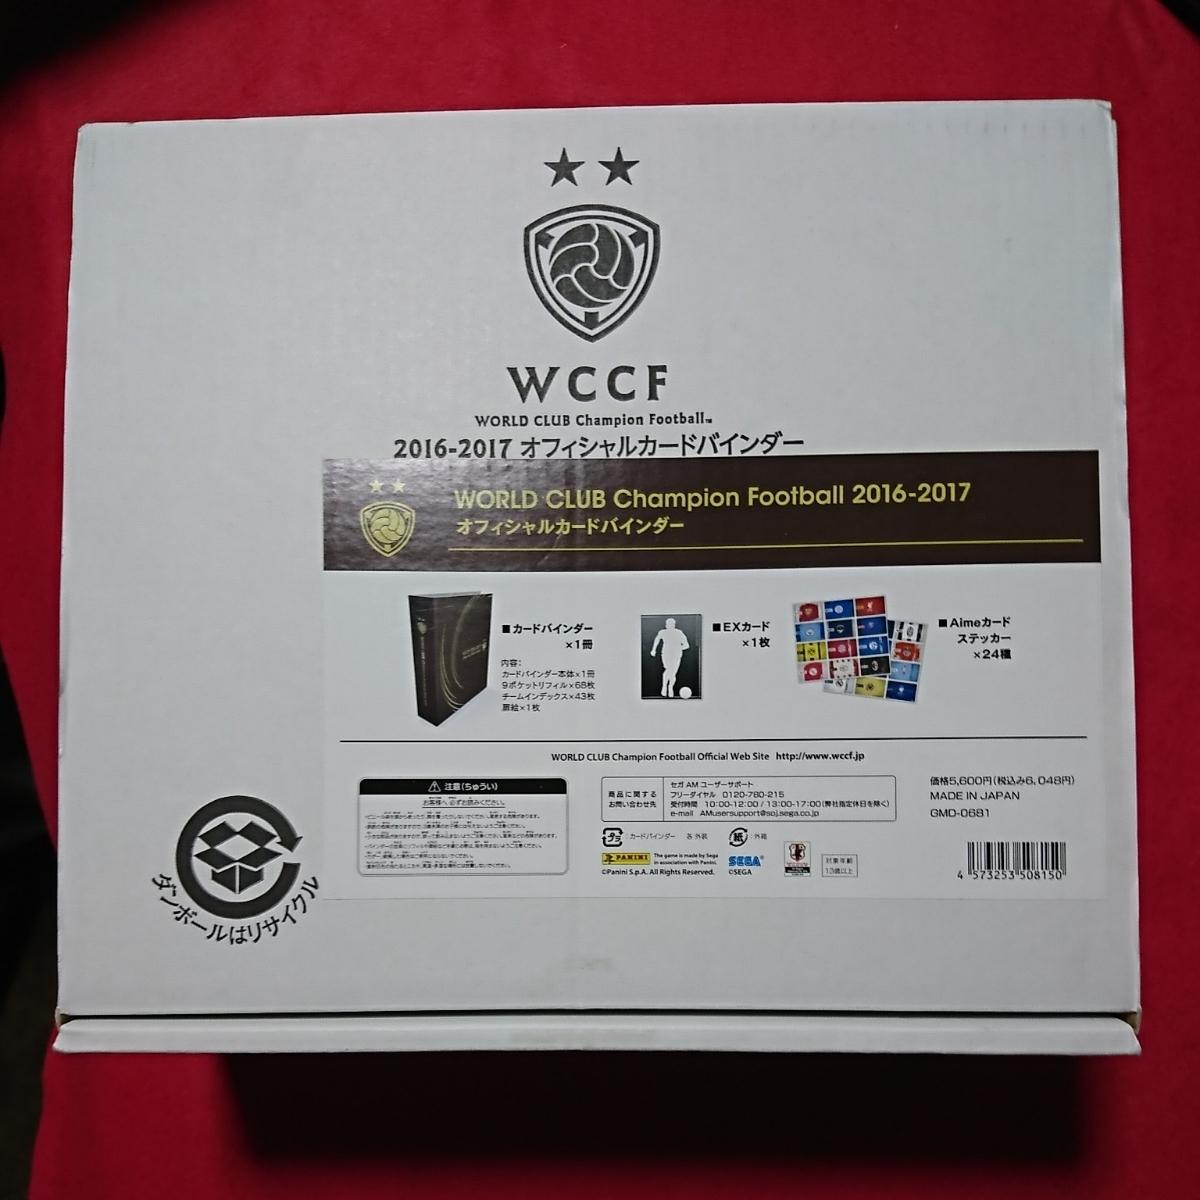 16-17 WCCF オフィシャルカードバインダー 白・黒コンプ 2016-2017 パロワ サントン_画像6